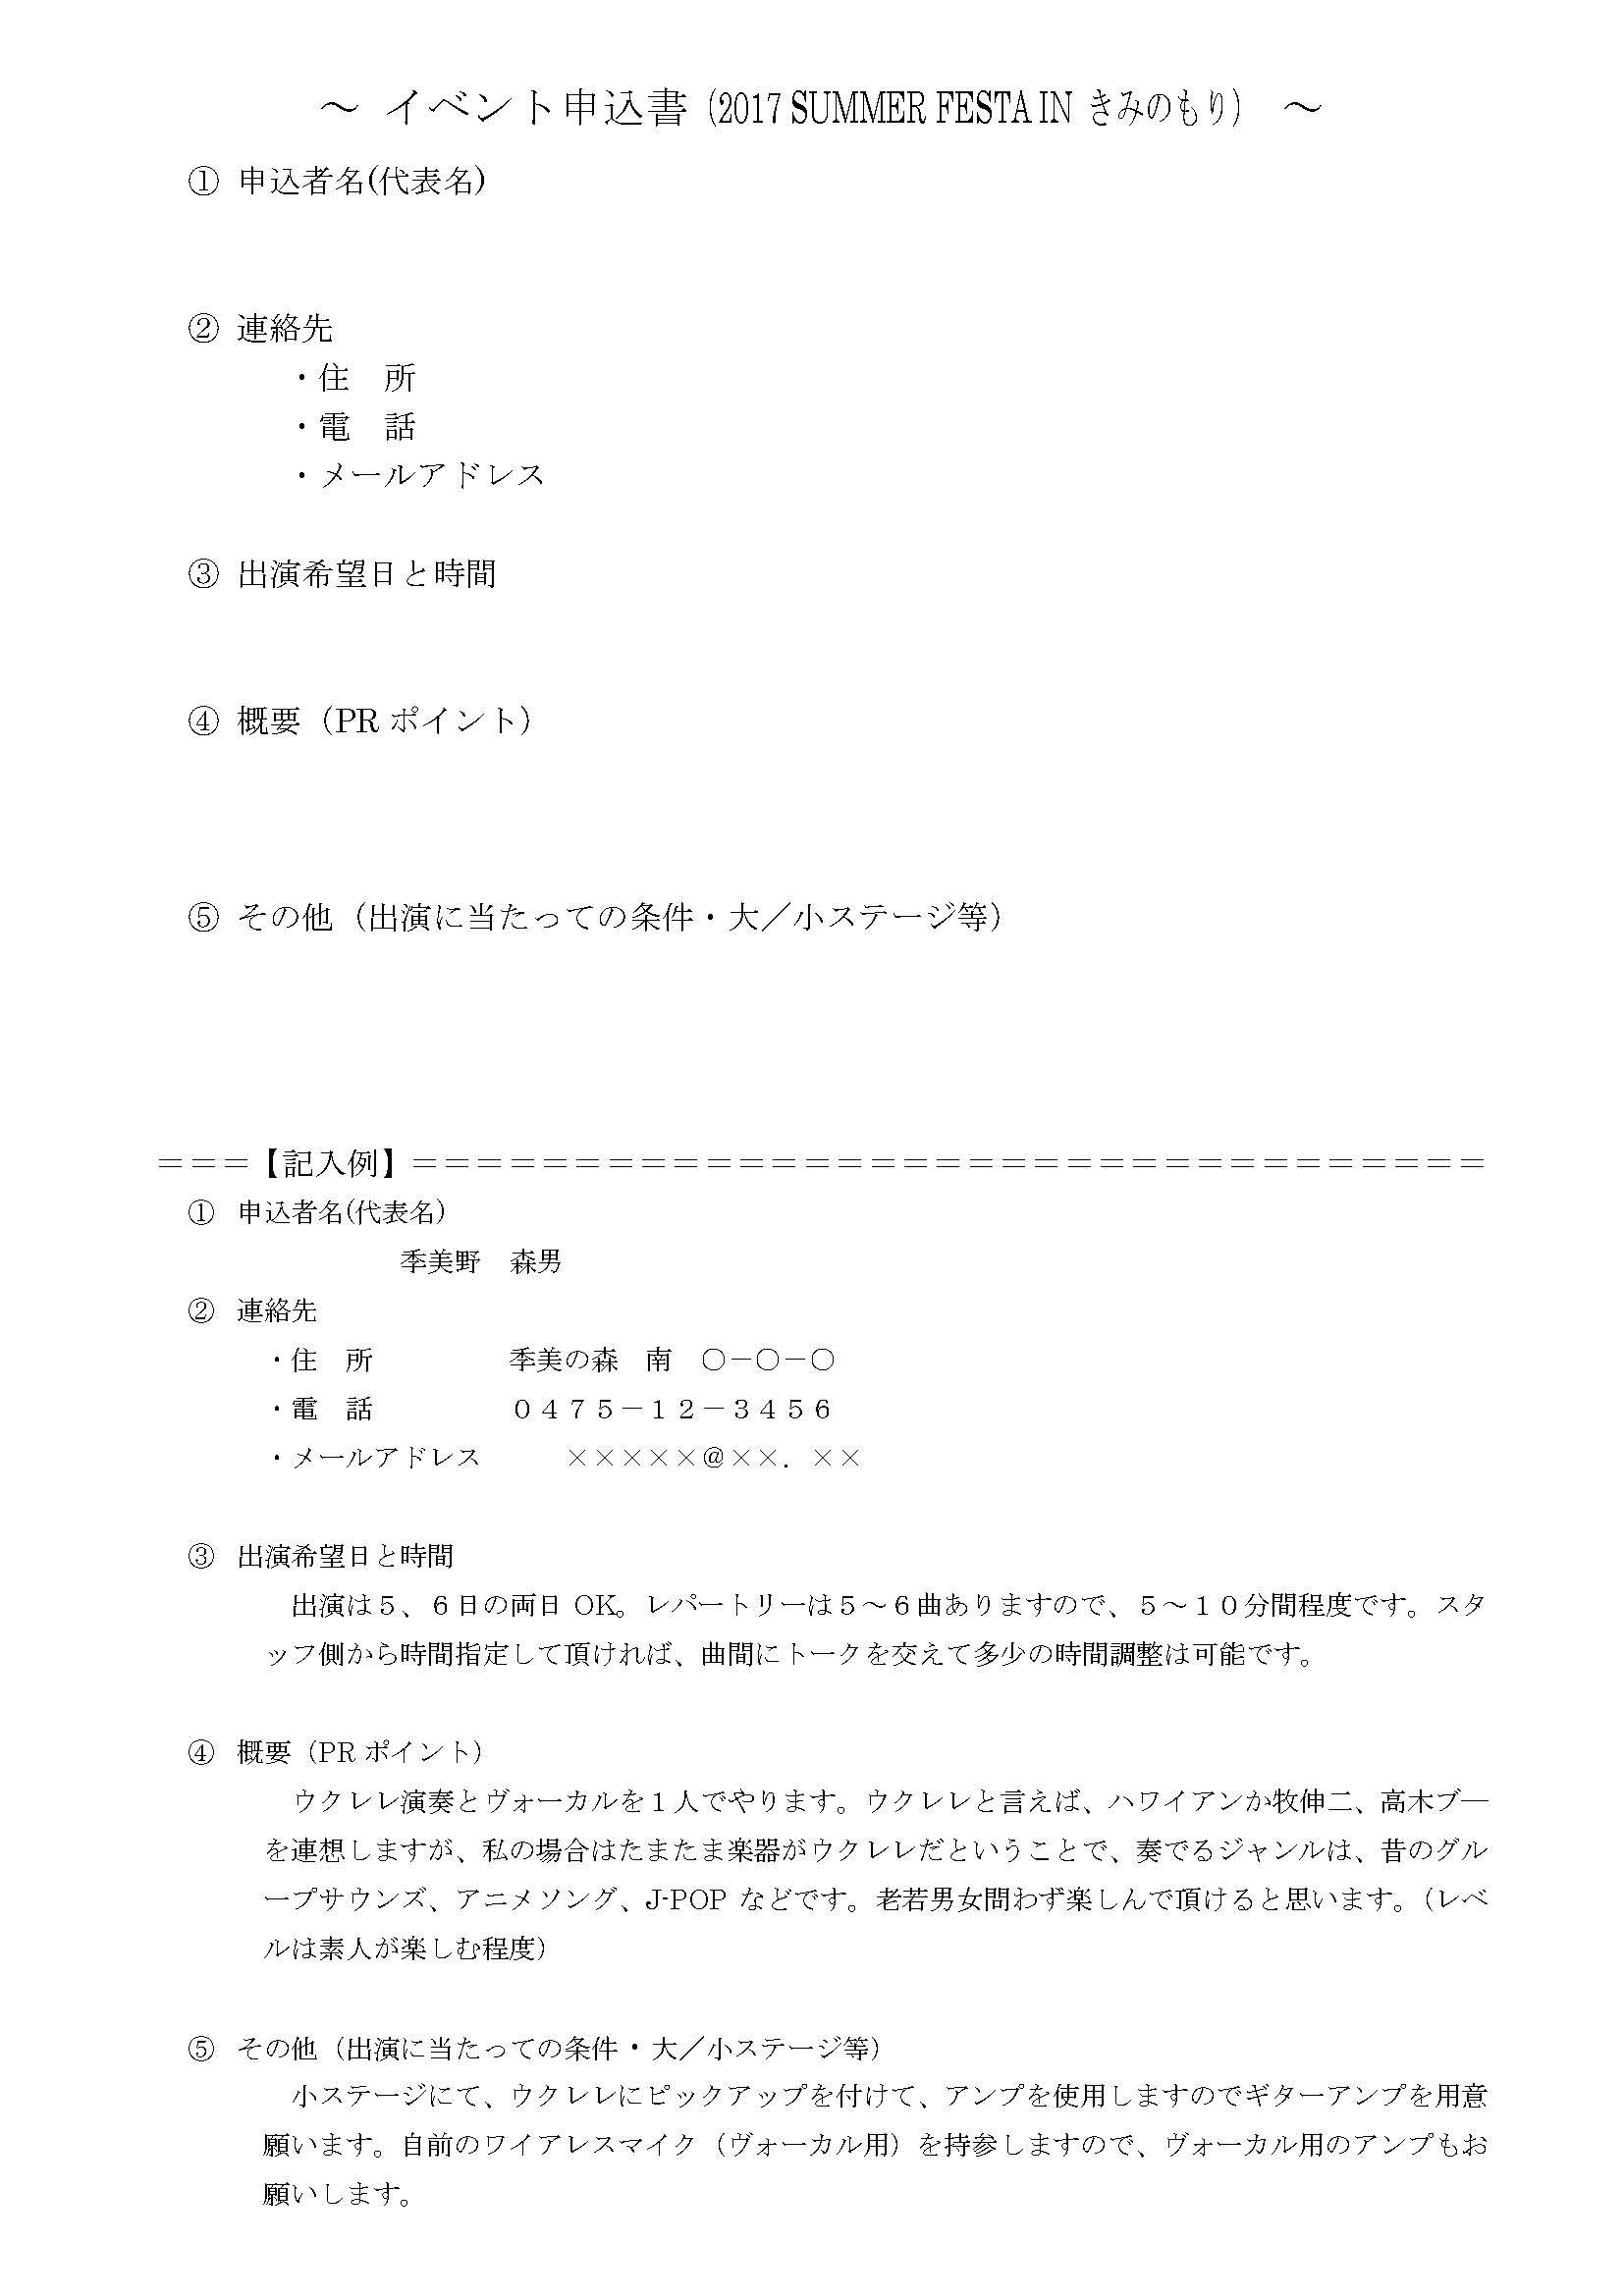 2017夏祭イベント申込書